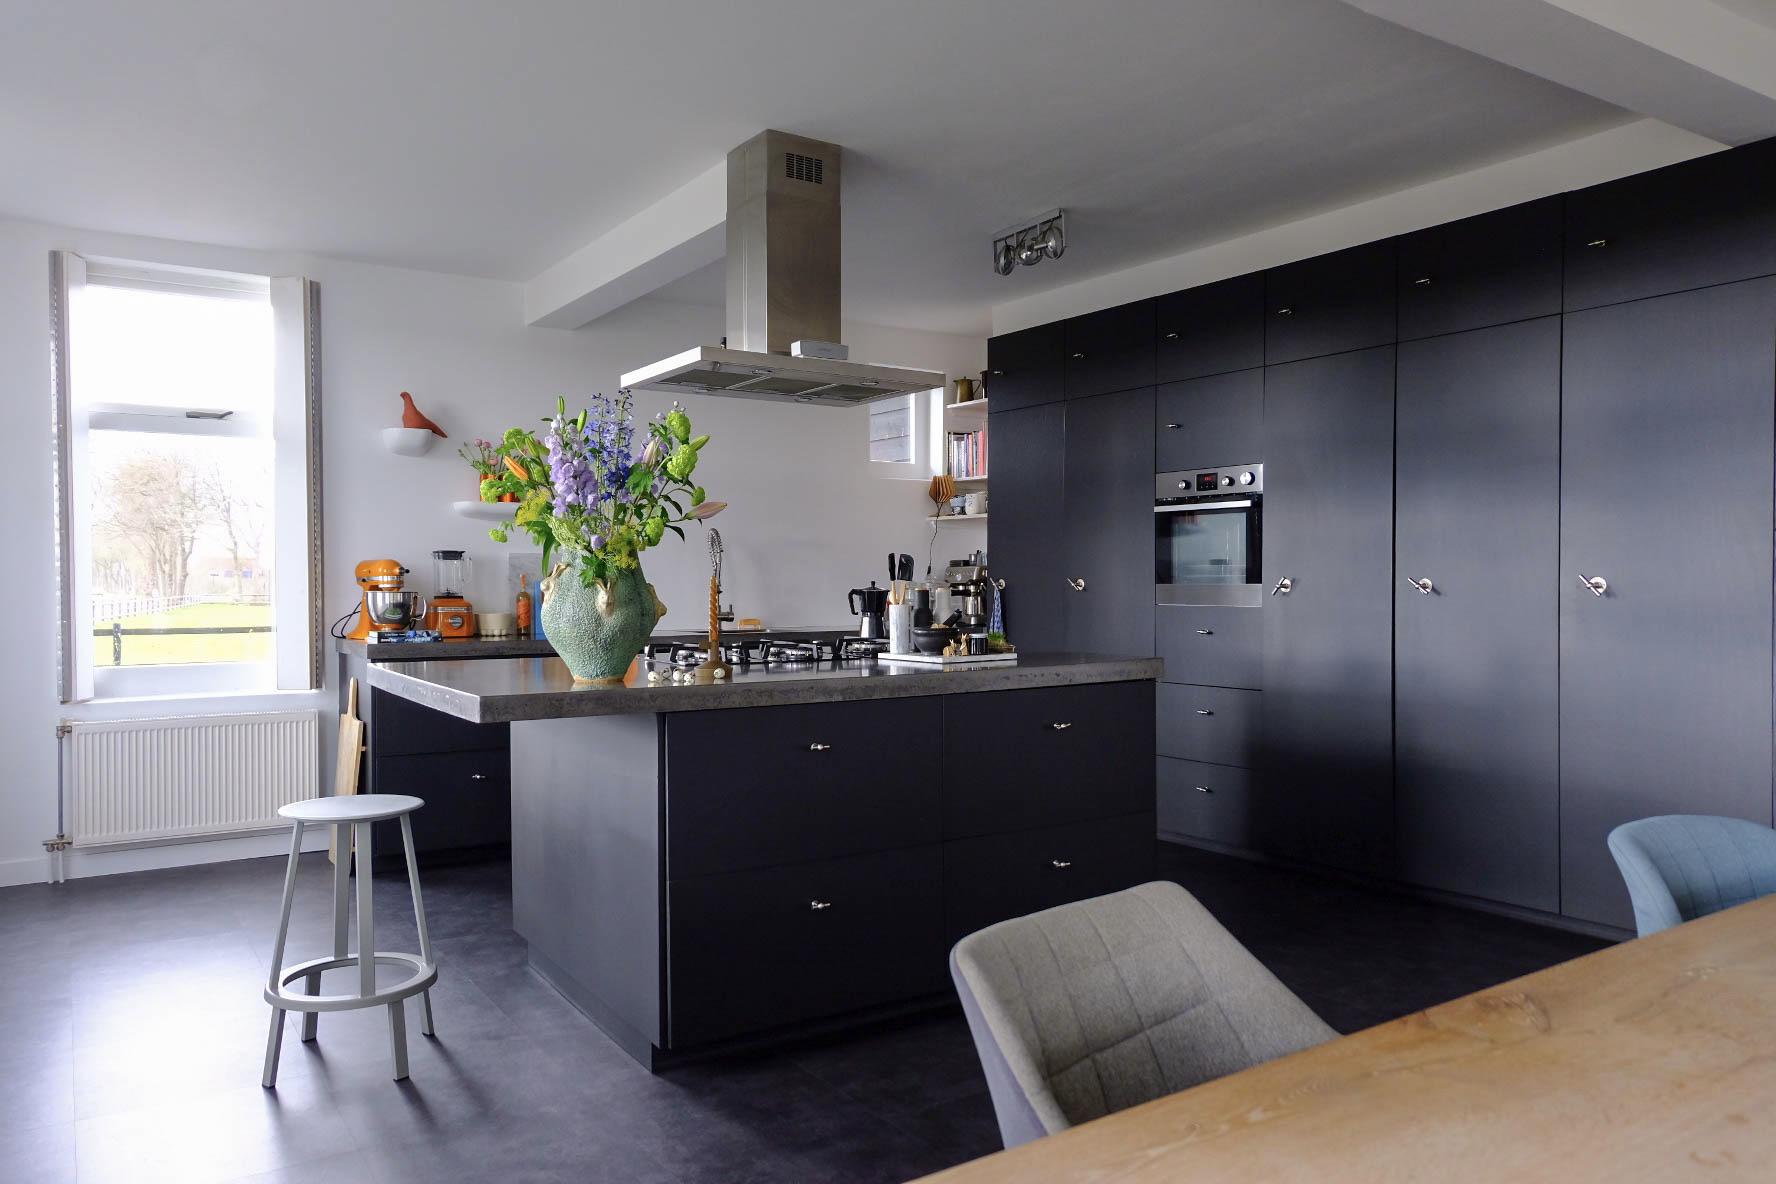 Keuken om blij van te worden, thuisopnummer14